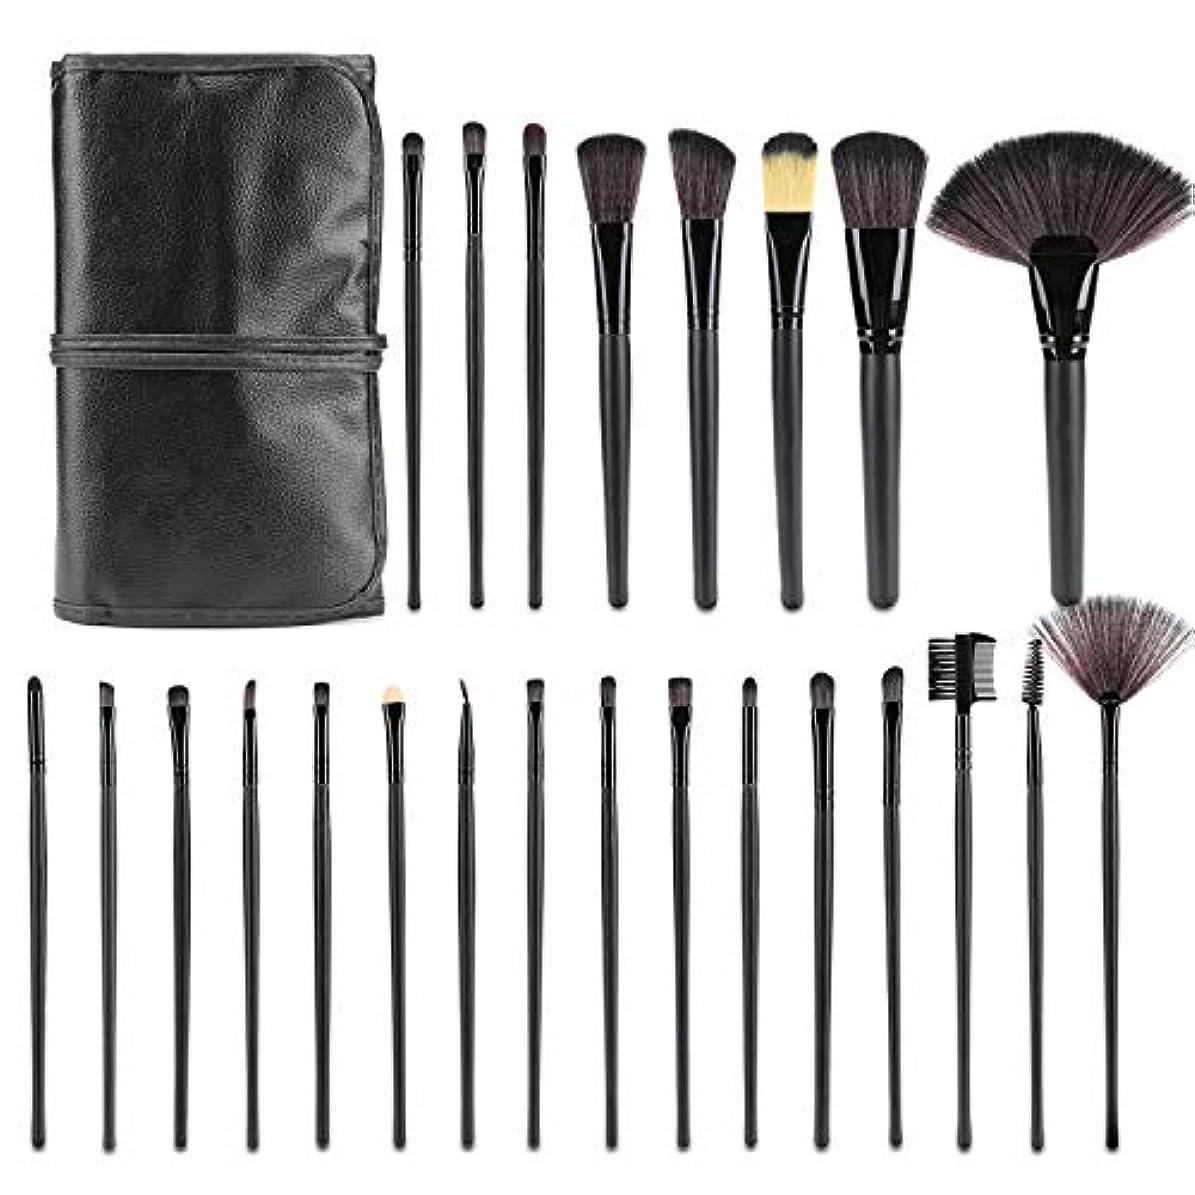 メイクブラシ24本セット 化粧筆 ファンデーション ブラシ フェイスブラシ 専用化粧ポーチ付きブラック